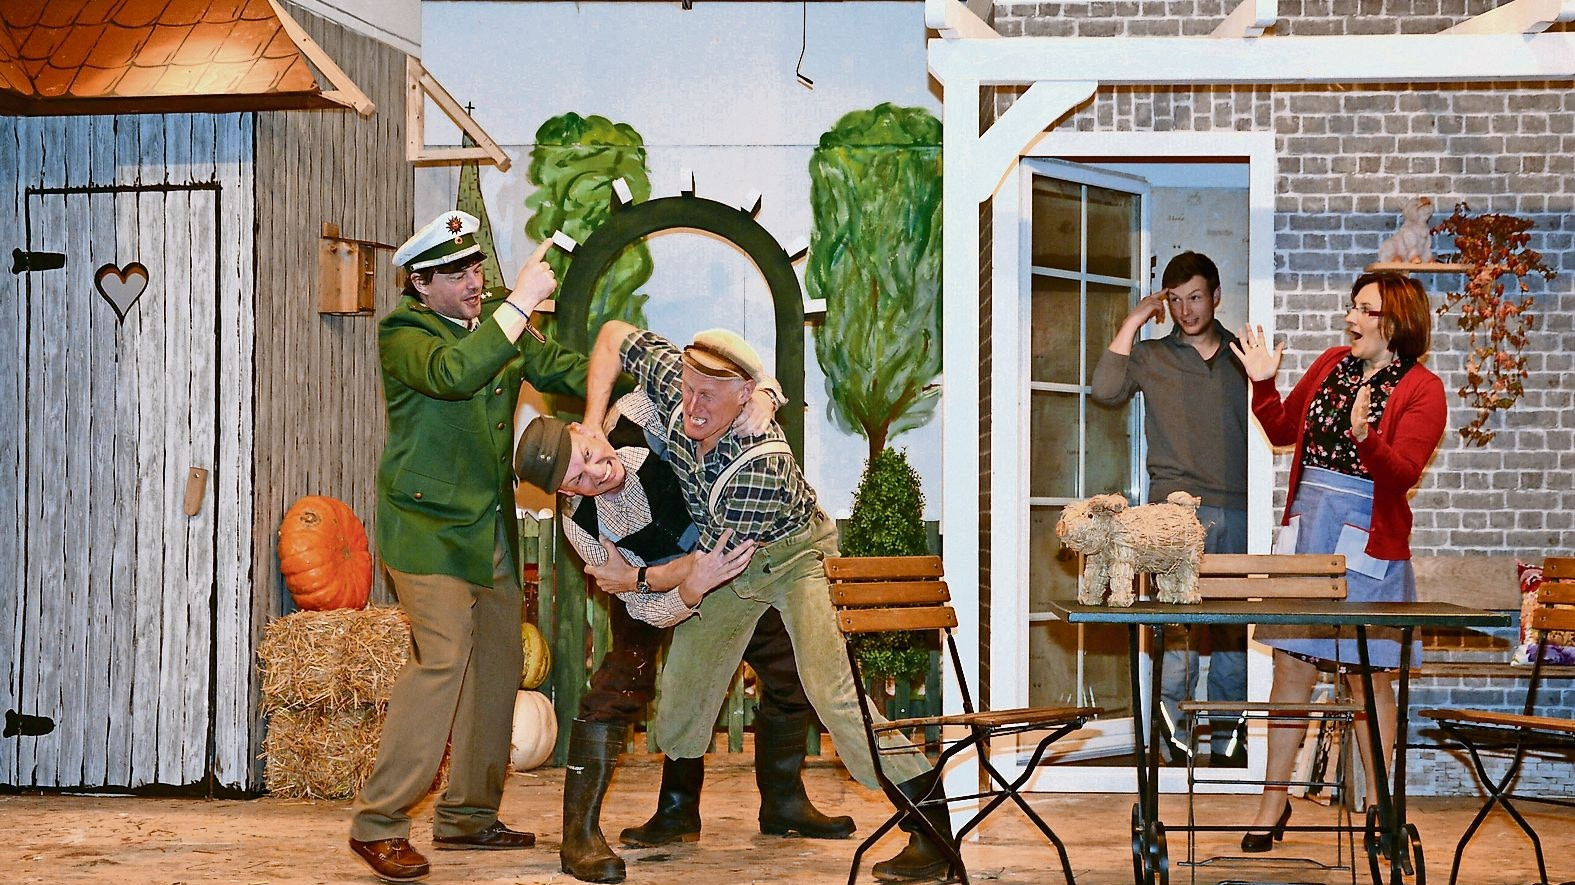 Gerangel auf der Bühne: Turbulente Szenen soll es in Bevern (Foto) bald wieder geben. Foto: Sperveslage